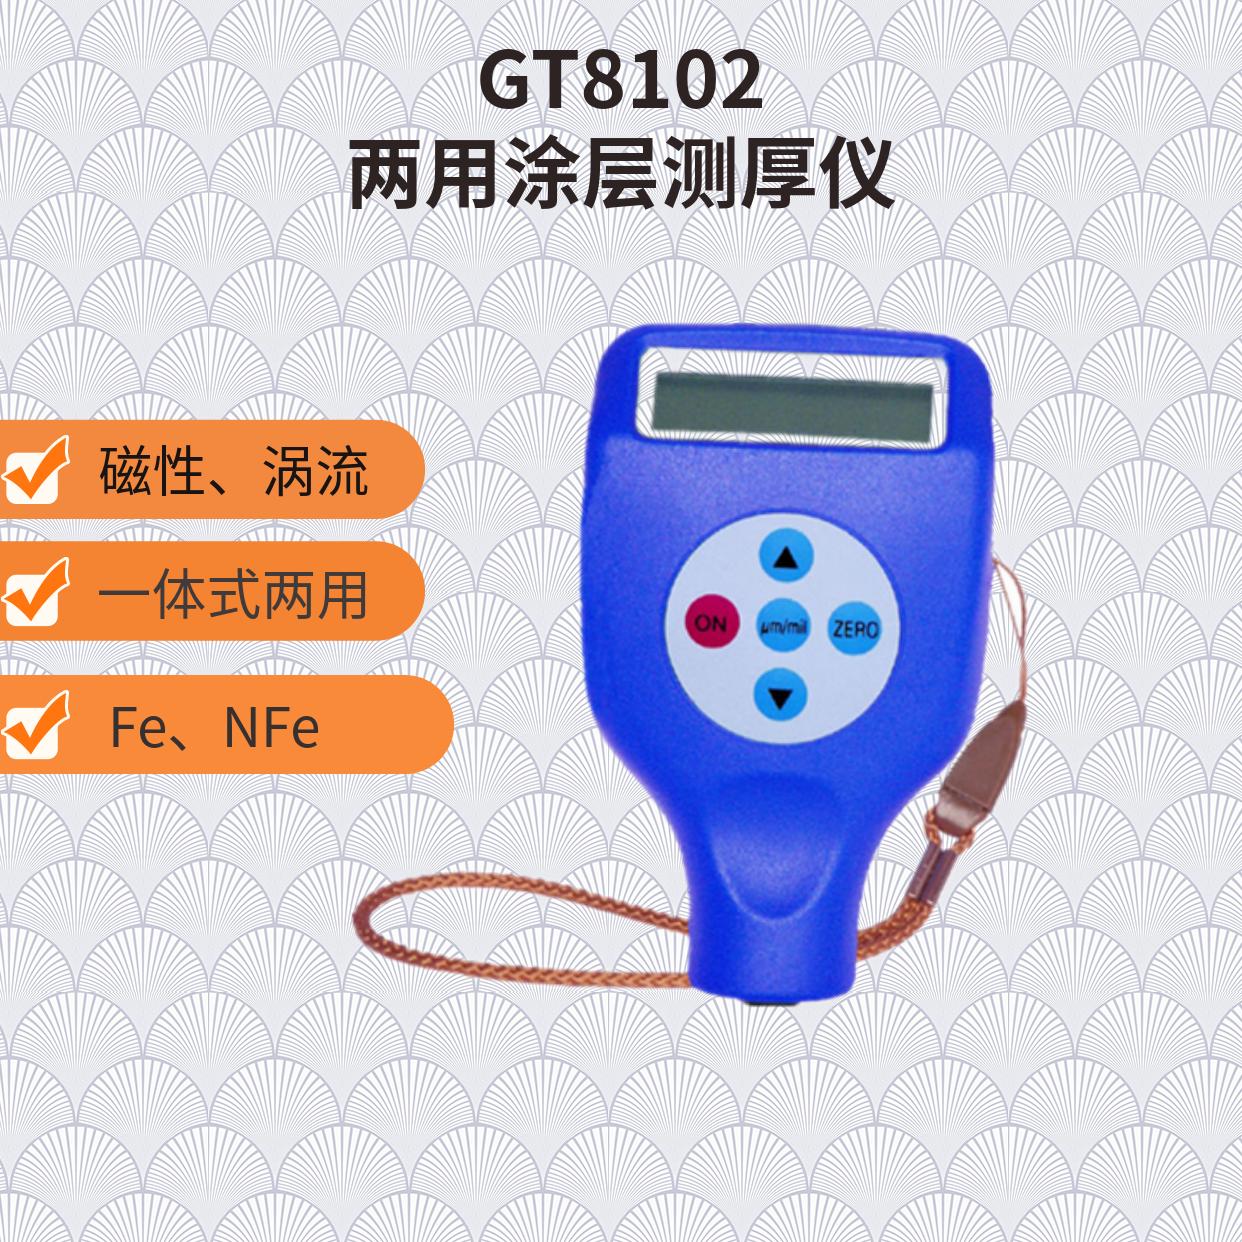 膜厚仪 磁性涡流两用 GT8102